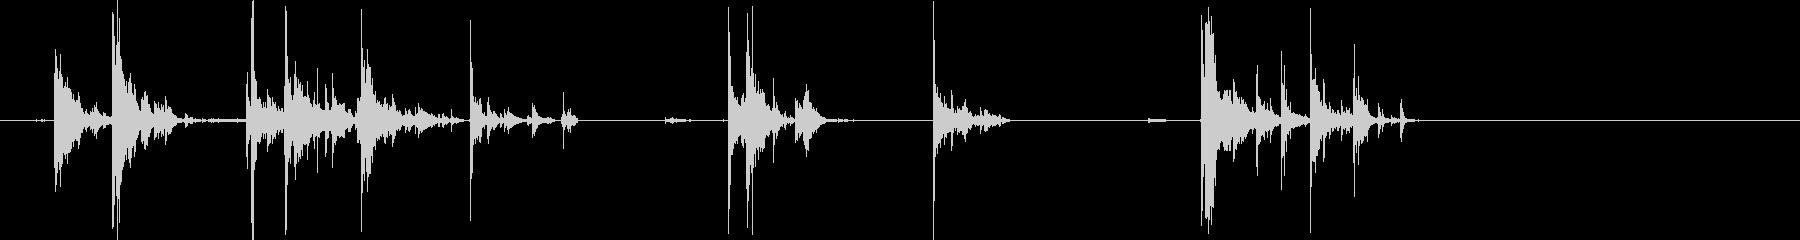 チャチャリン(数十枚のコインが落ち行く)の未再生の波形